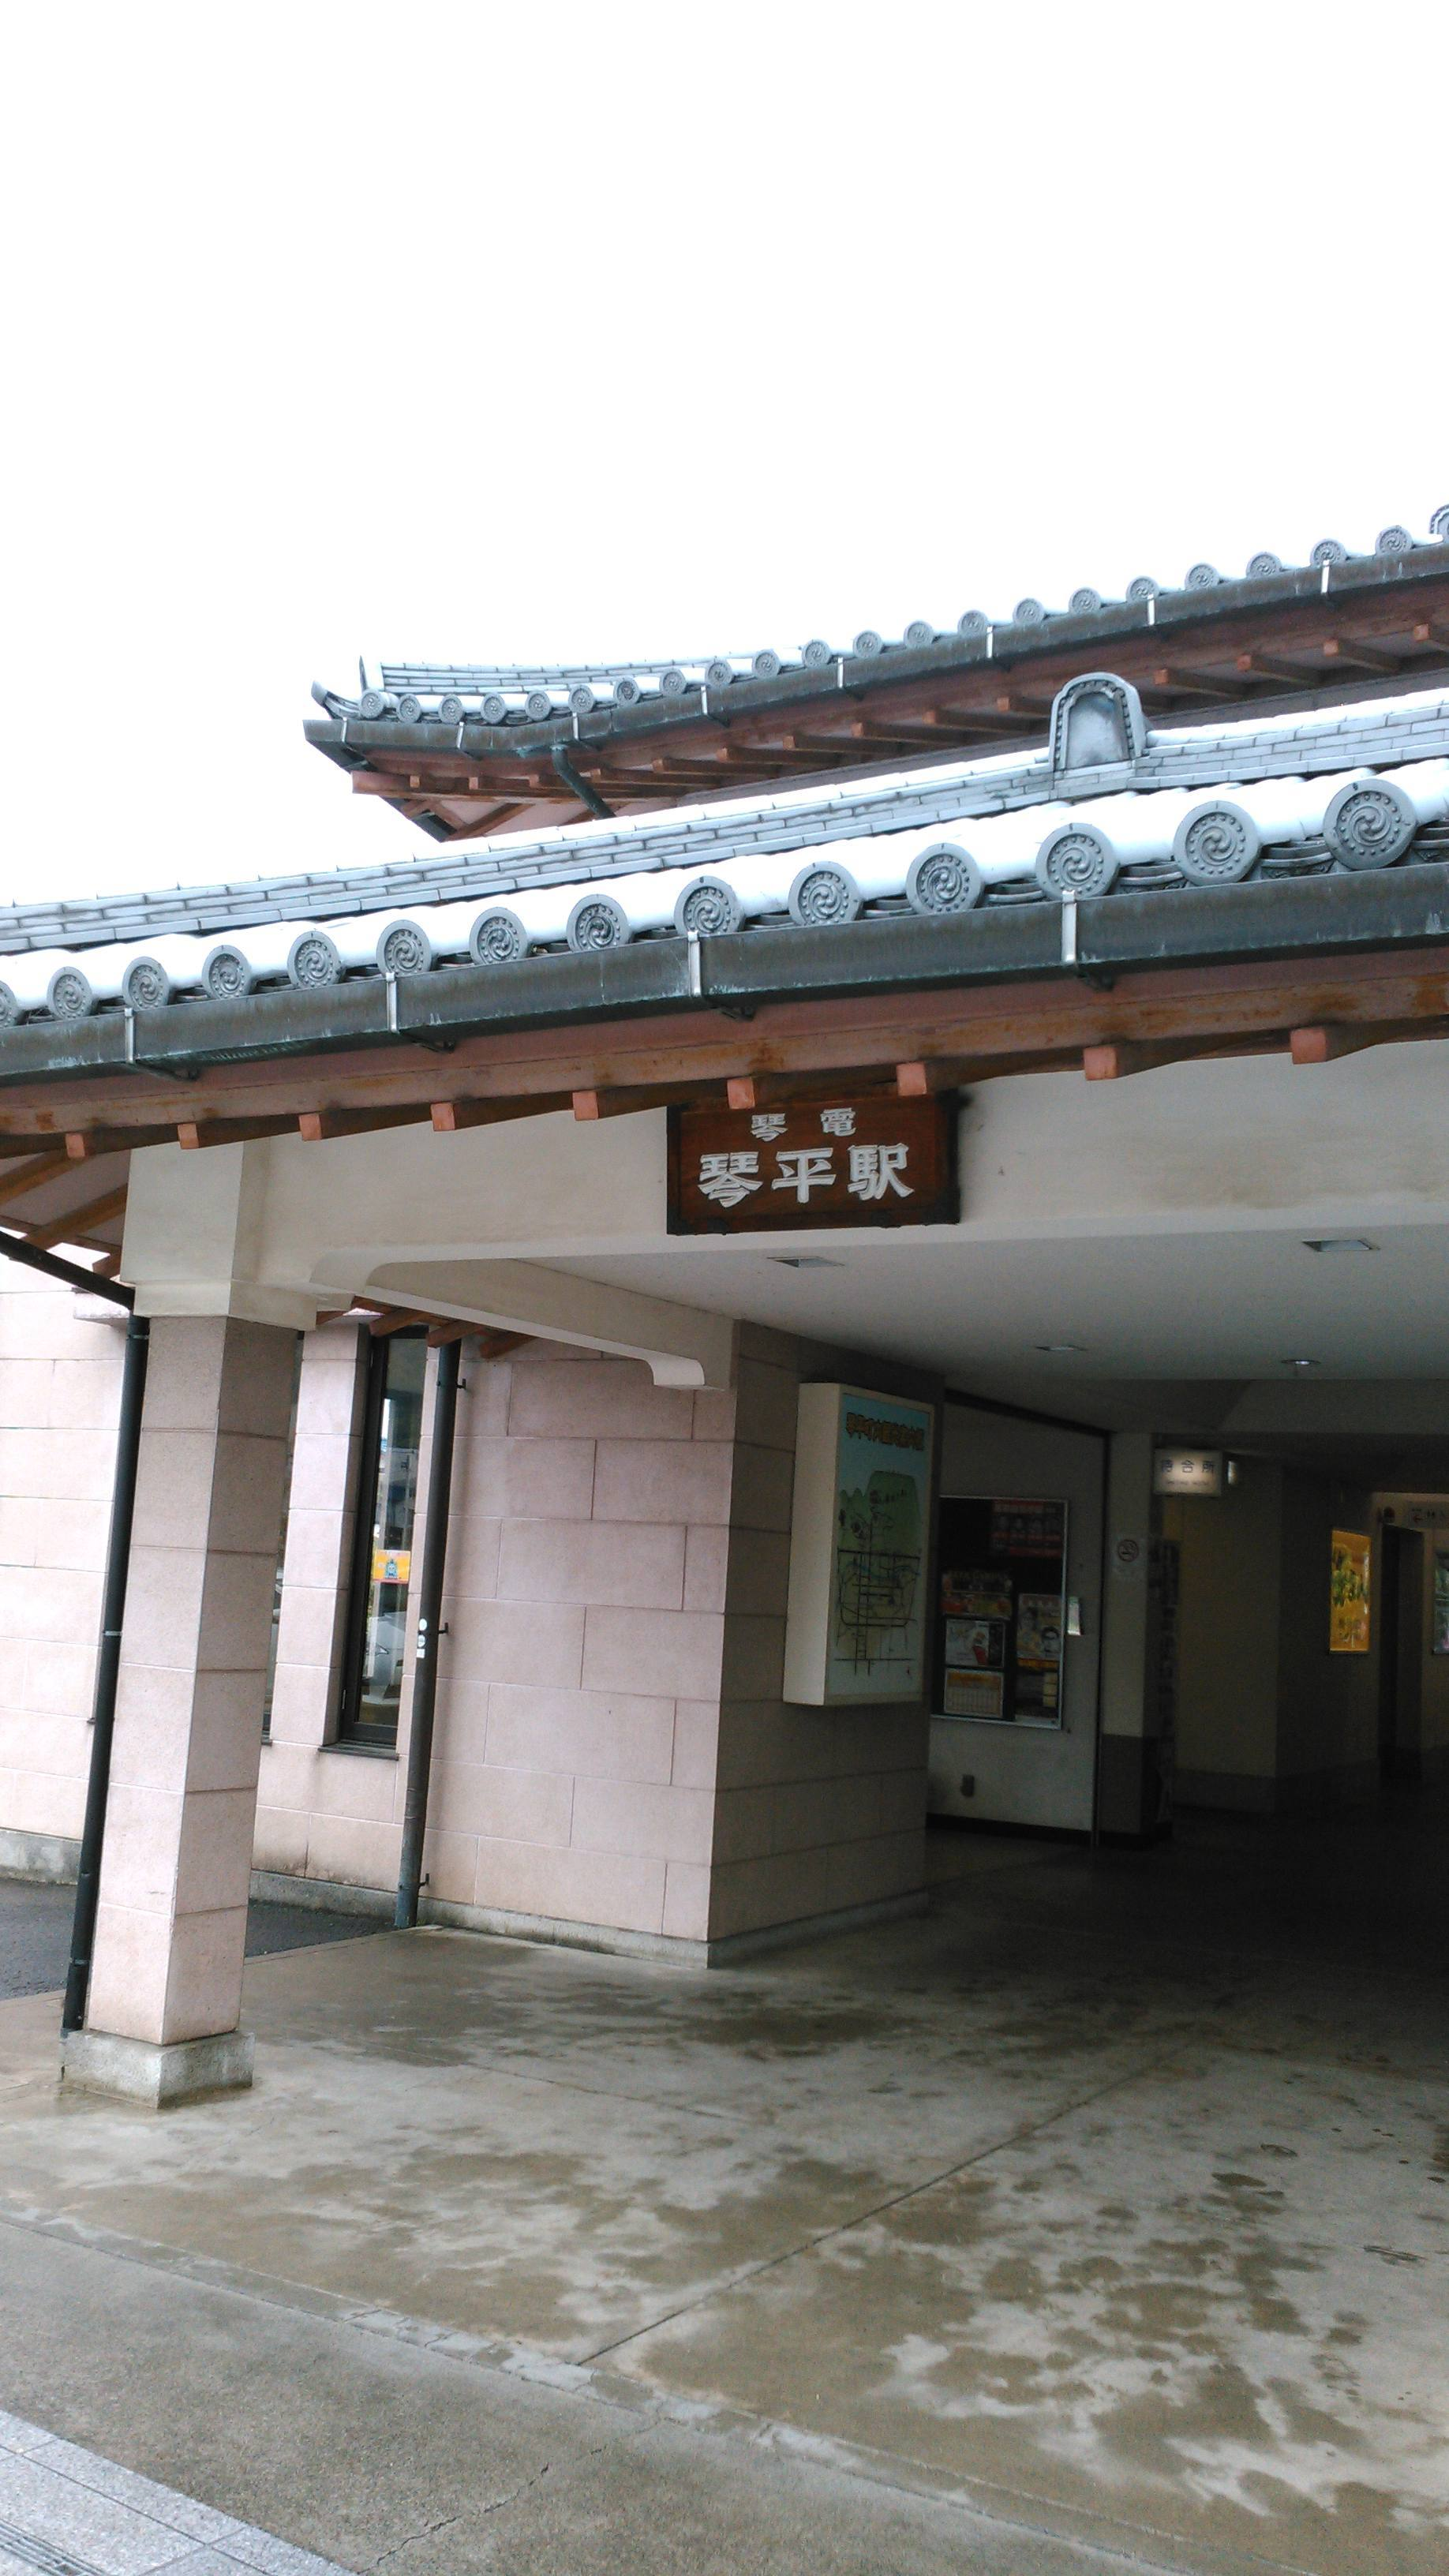 香川県の旅 ウィリアムモリス正規販売店のブライト_c0157866_17073817.jpg